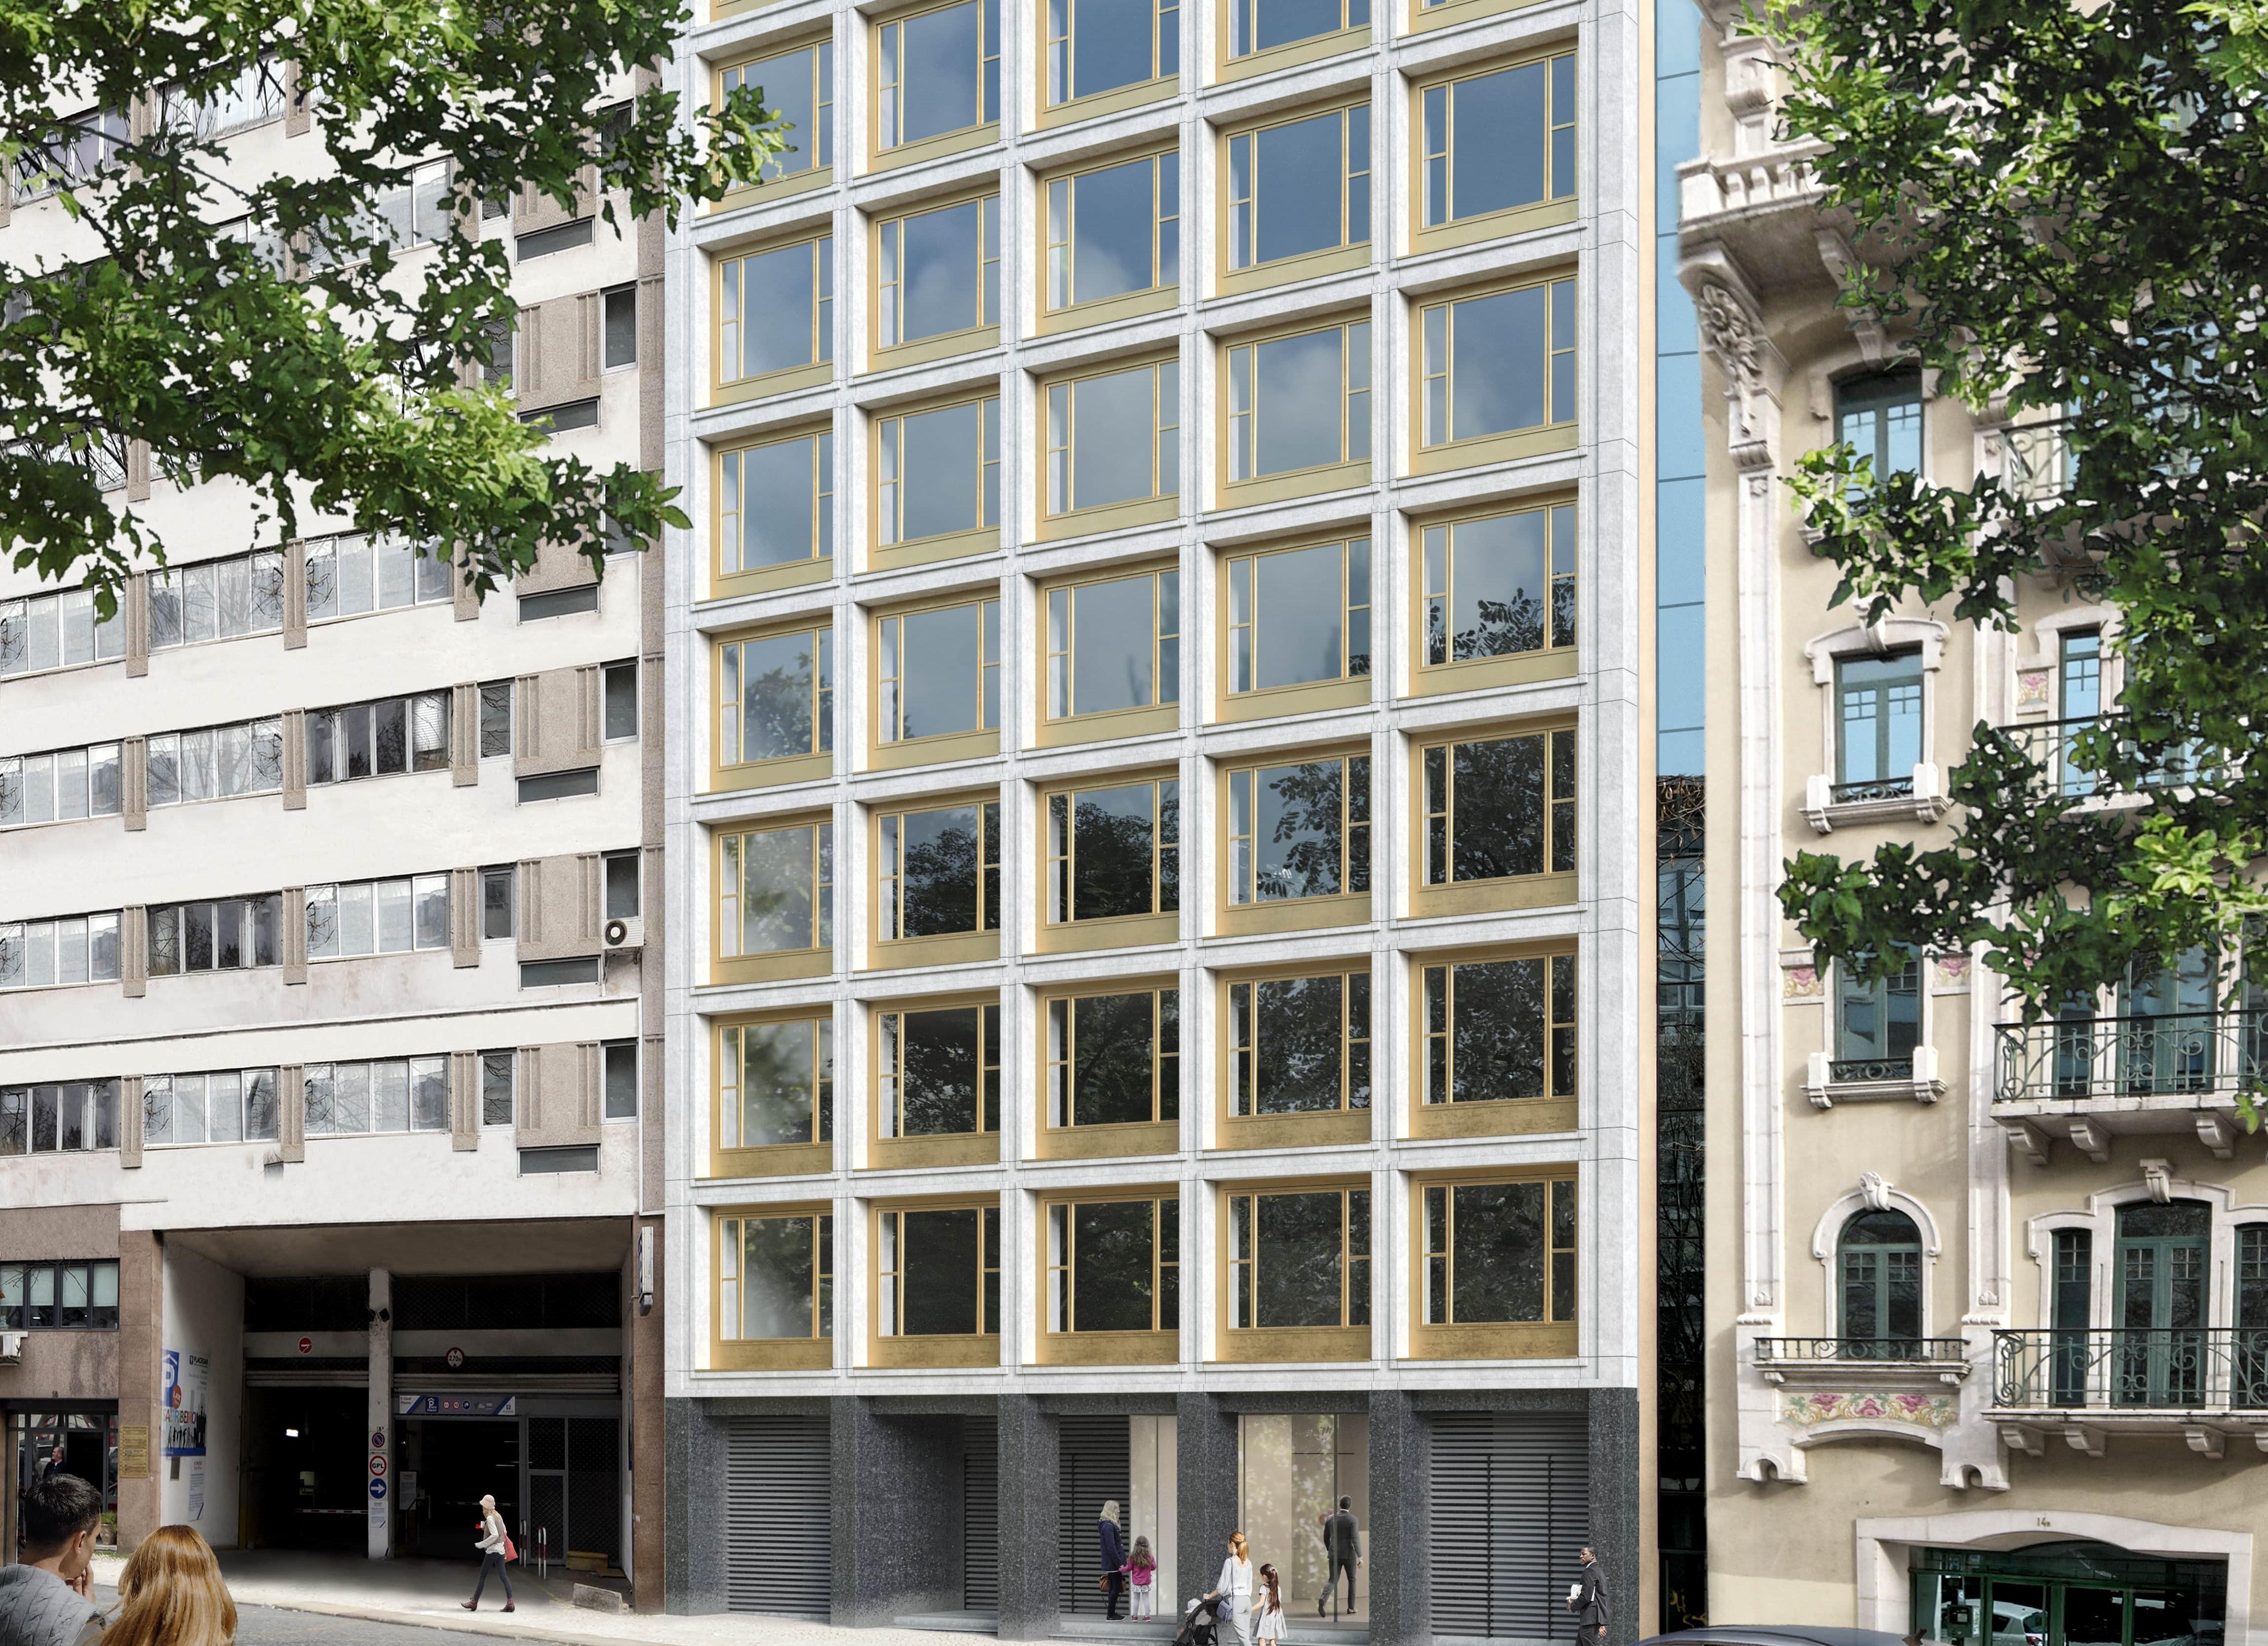 Casal Ribeiro 16 requalificado para ter grau de excelência na certificação ambiental de edifícios